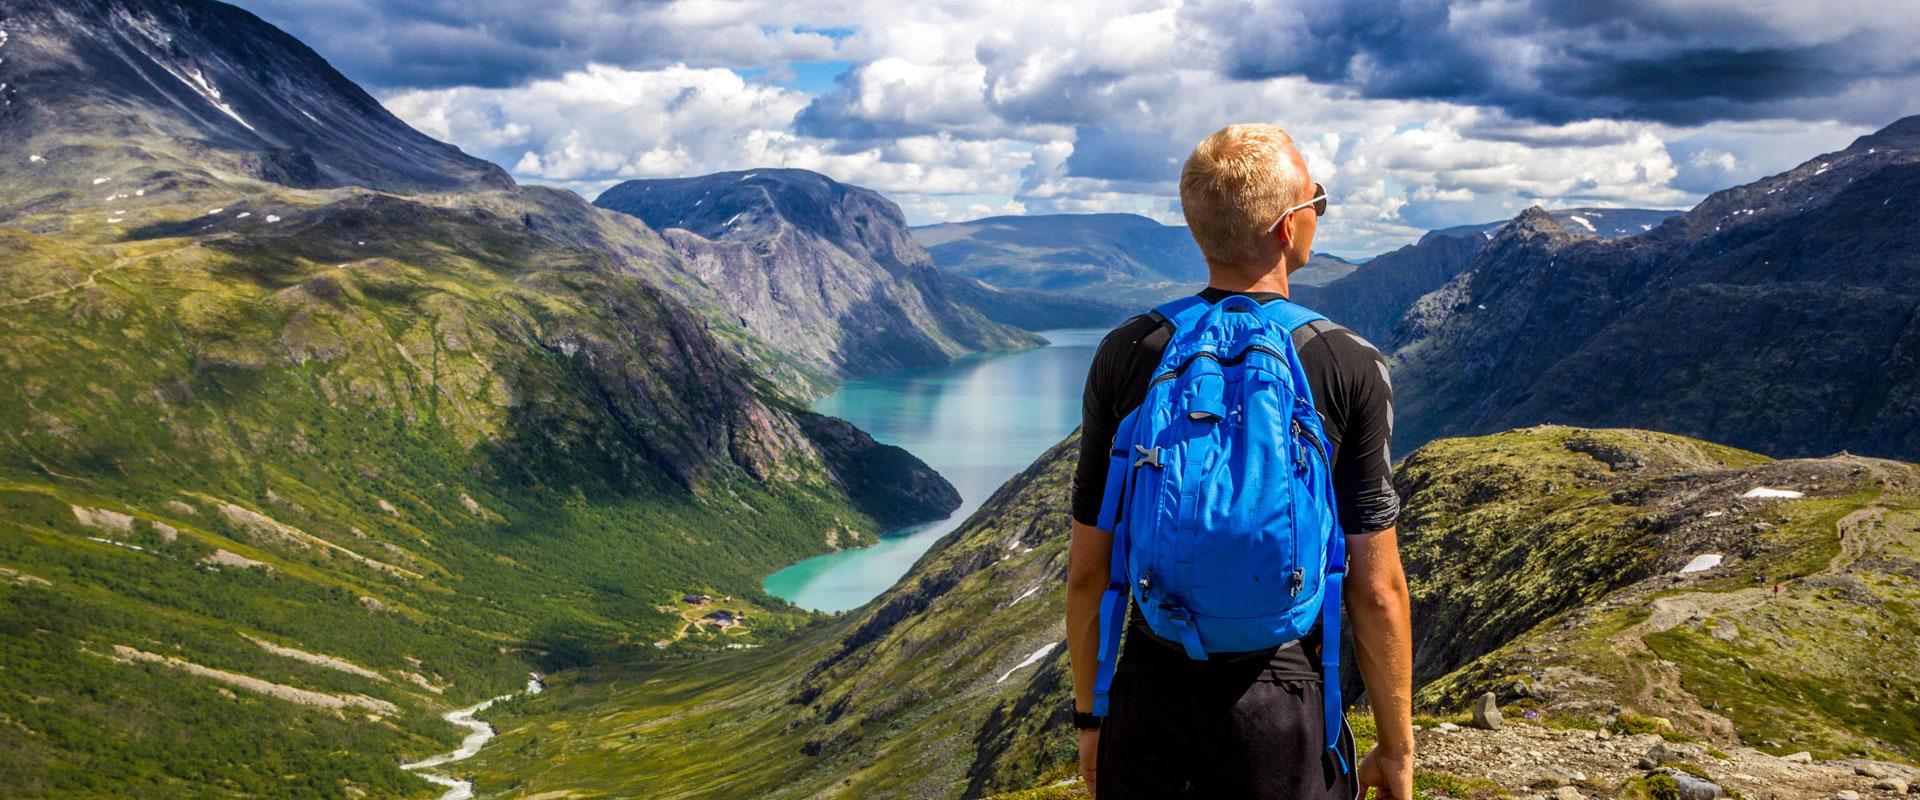 https://www.dmt.no/wp-content/uploads/2019/06/hvordan-markedsføre-reiselivsbedrift-hovedbilde.jpg